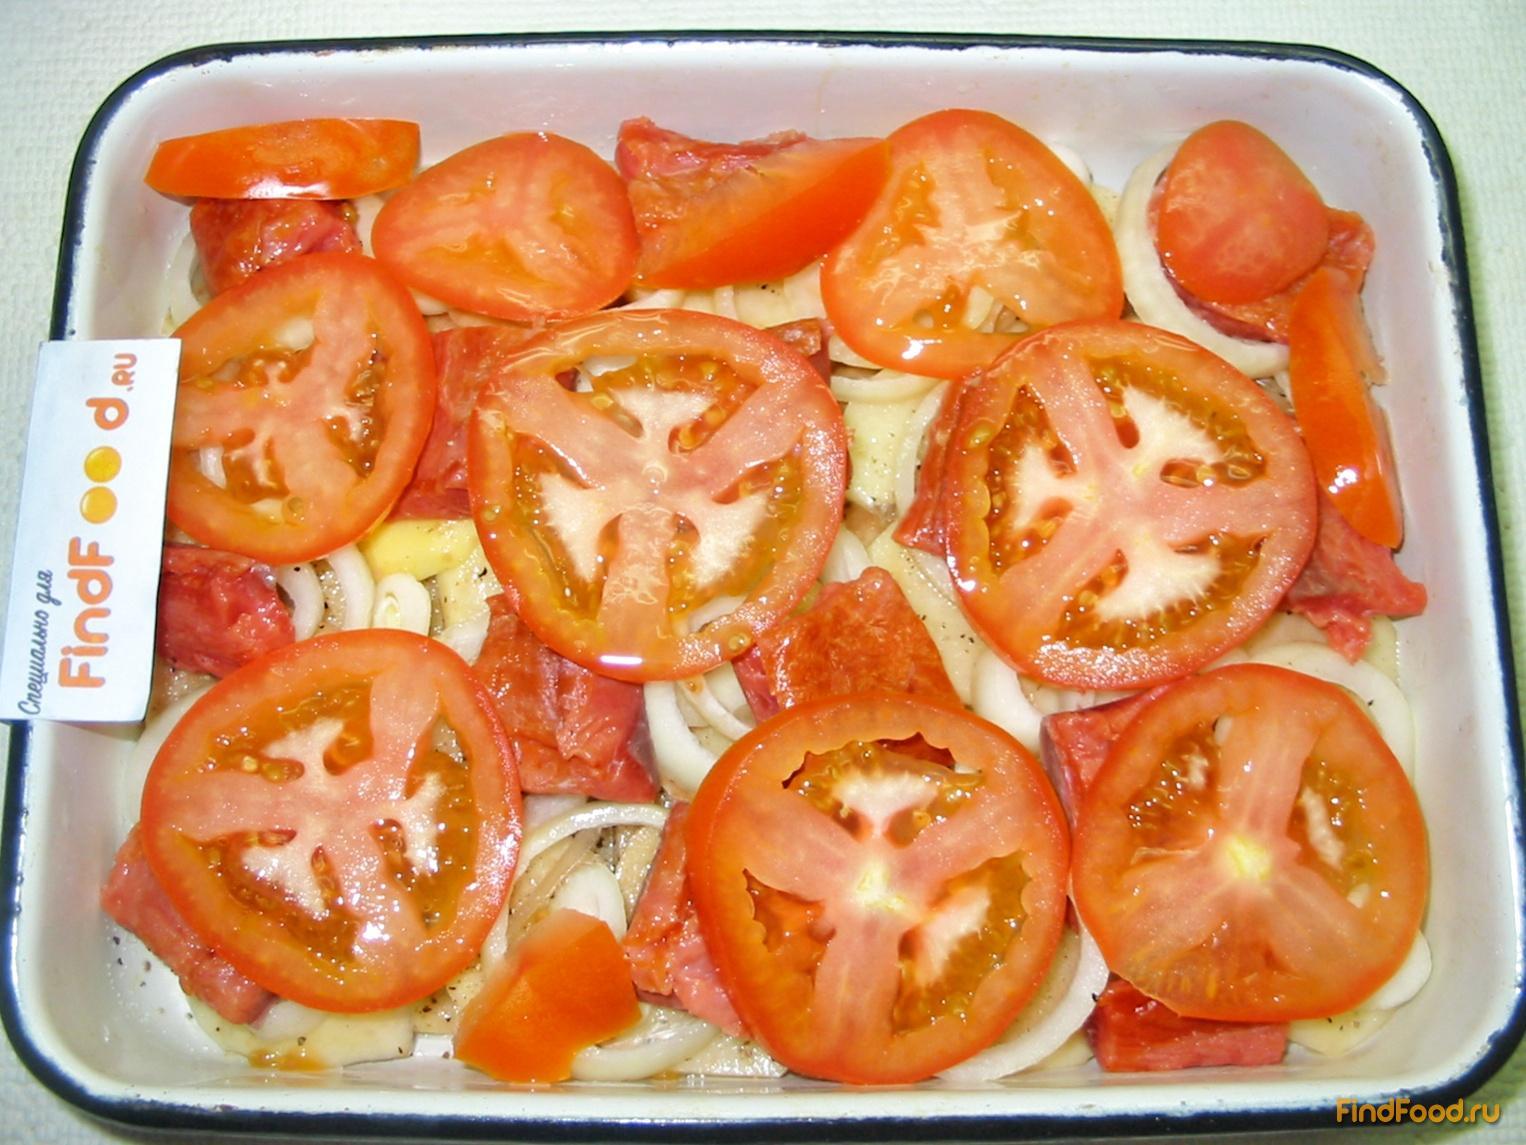 запеканка с картофелем и рыбой в духовке рецепт